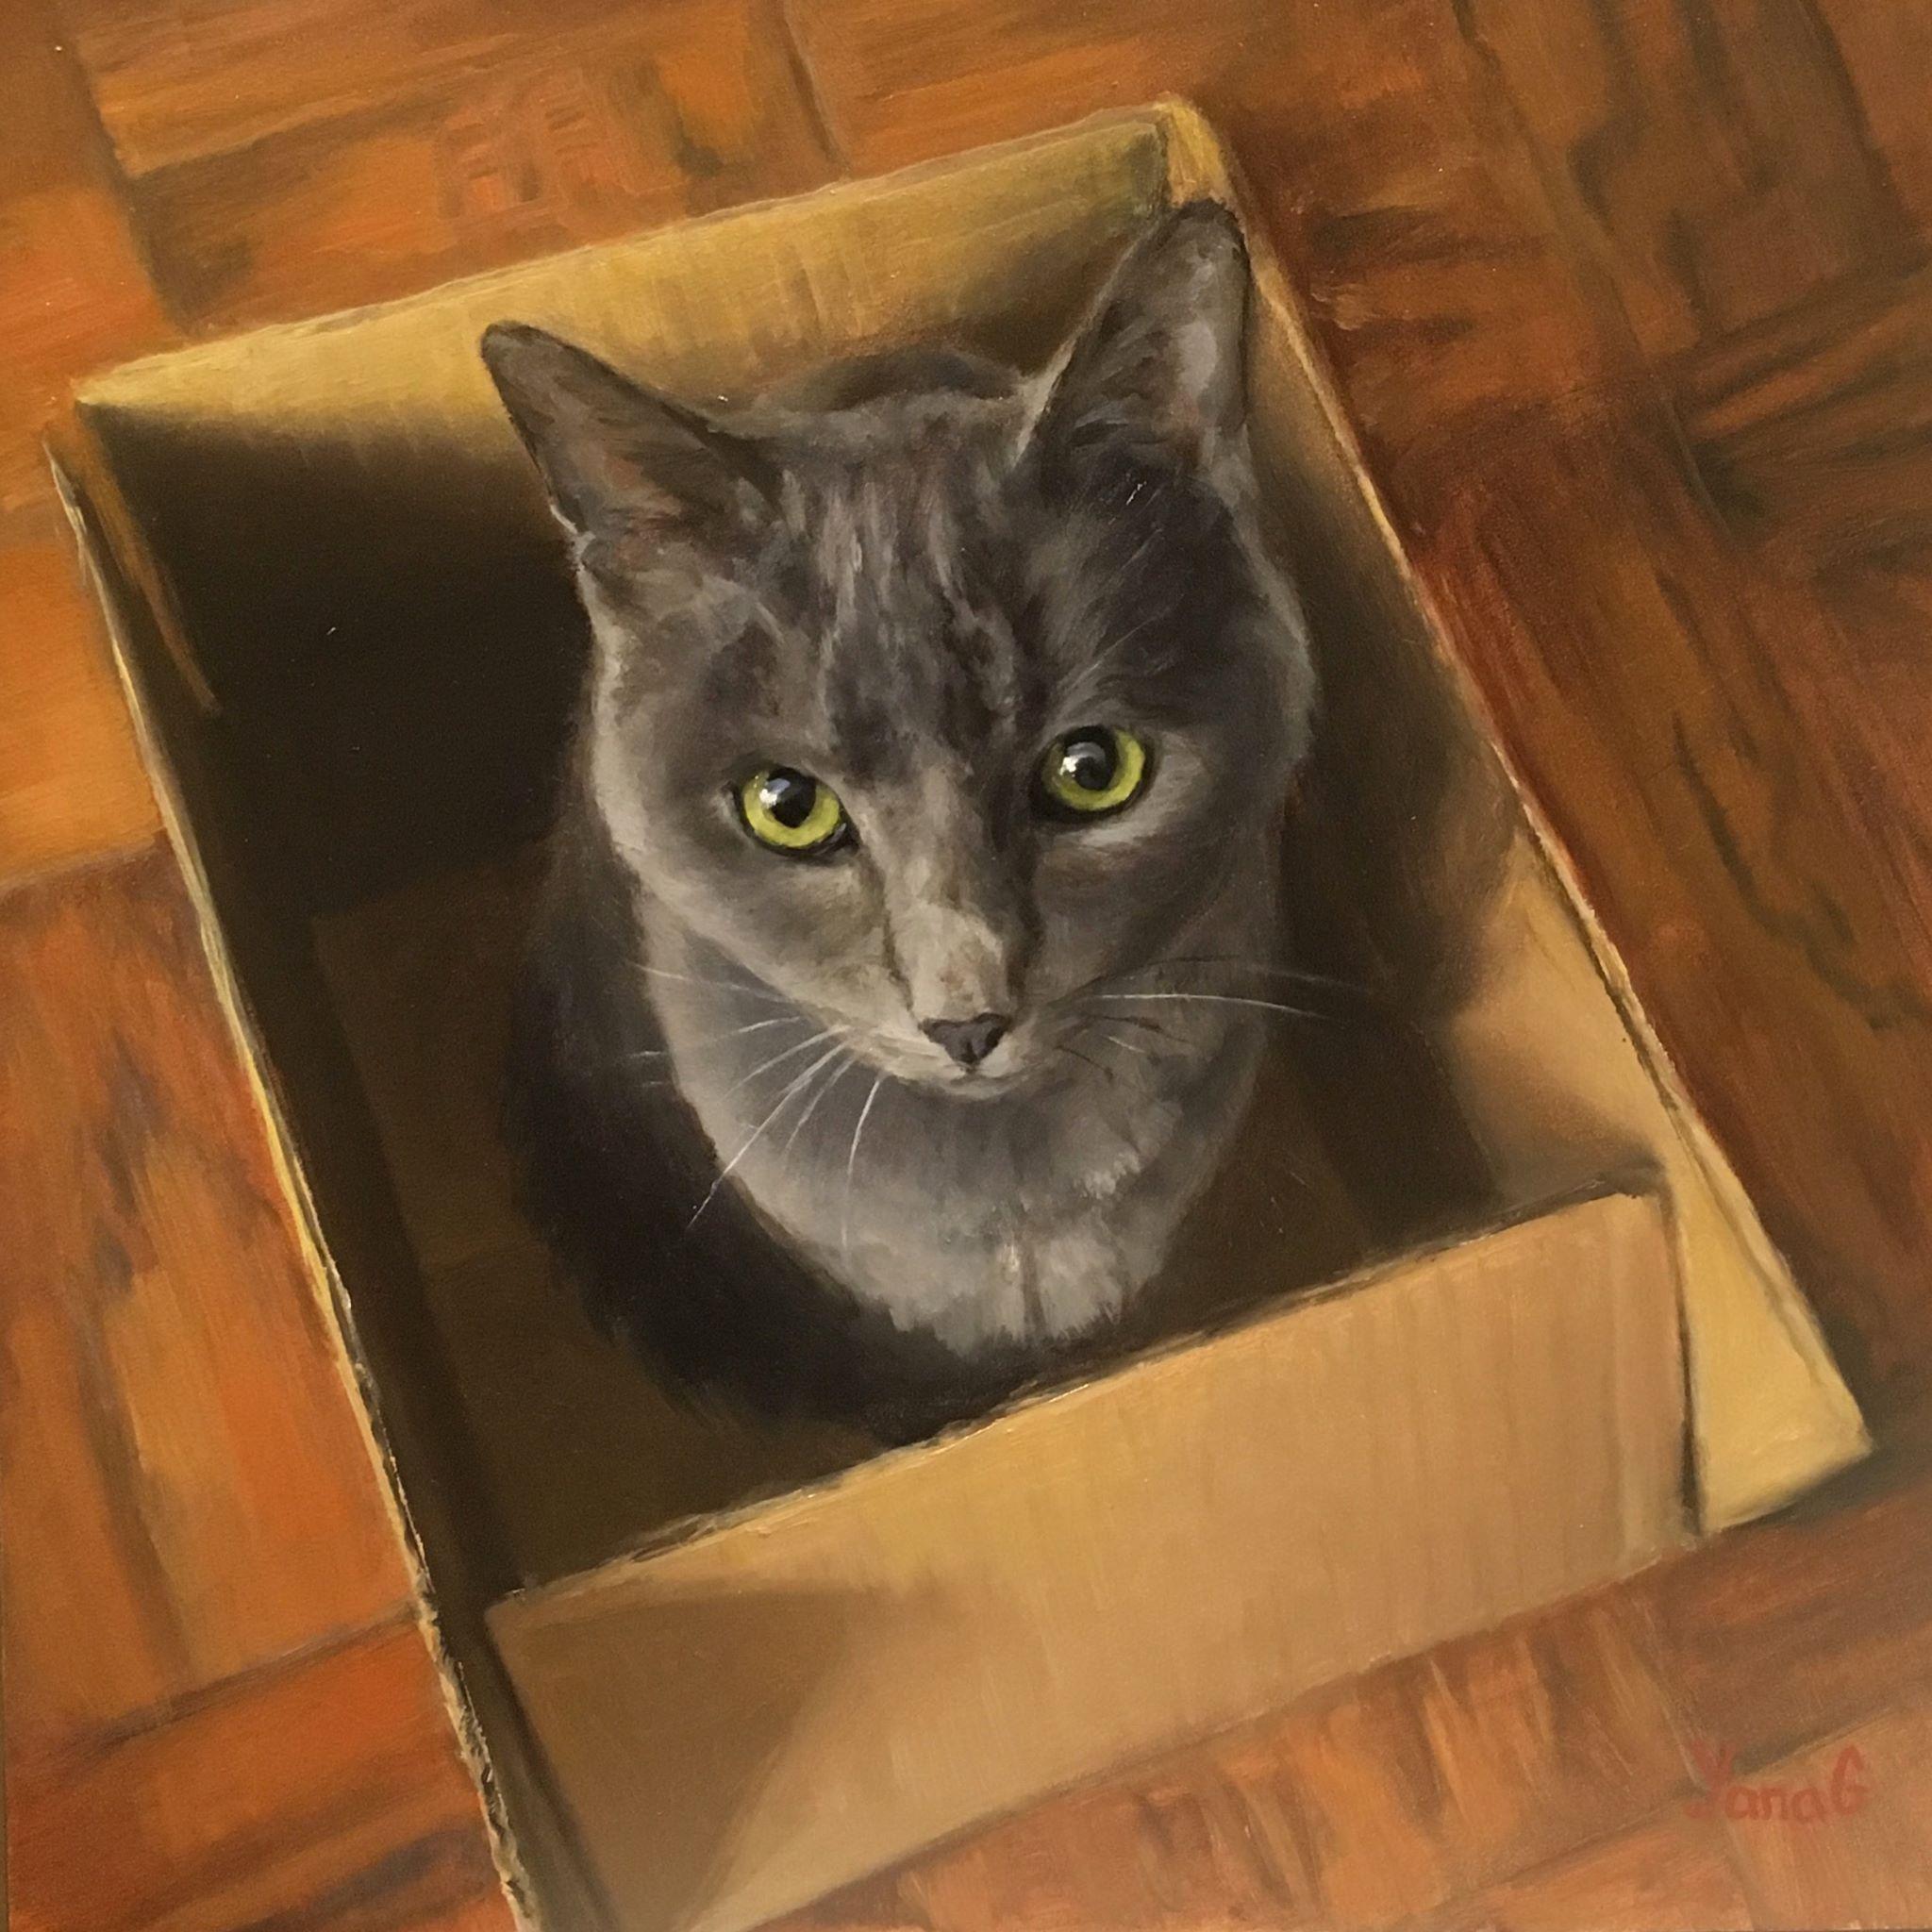 Cat in The Box 8x8 Oil on board